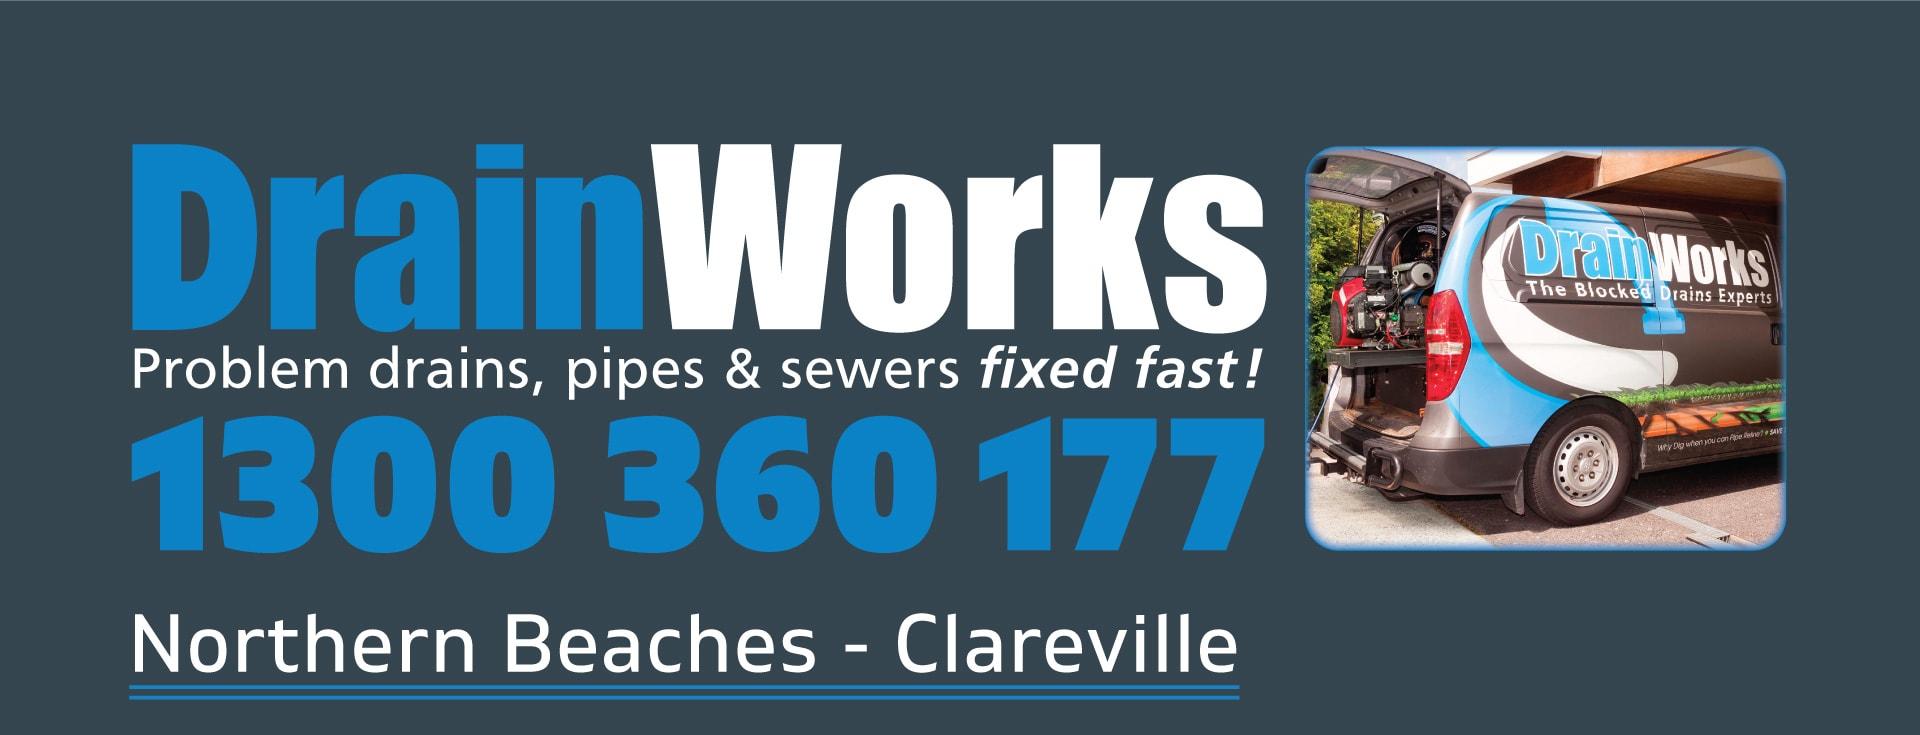 DrainWorks – Clareville – Northern Beaches Sydney